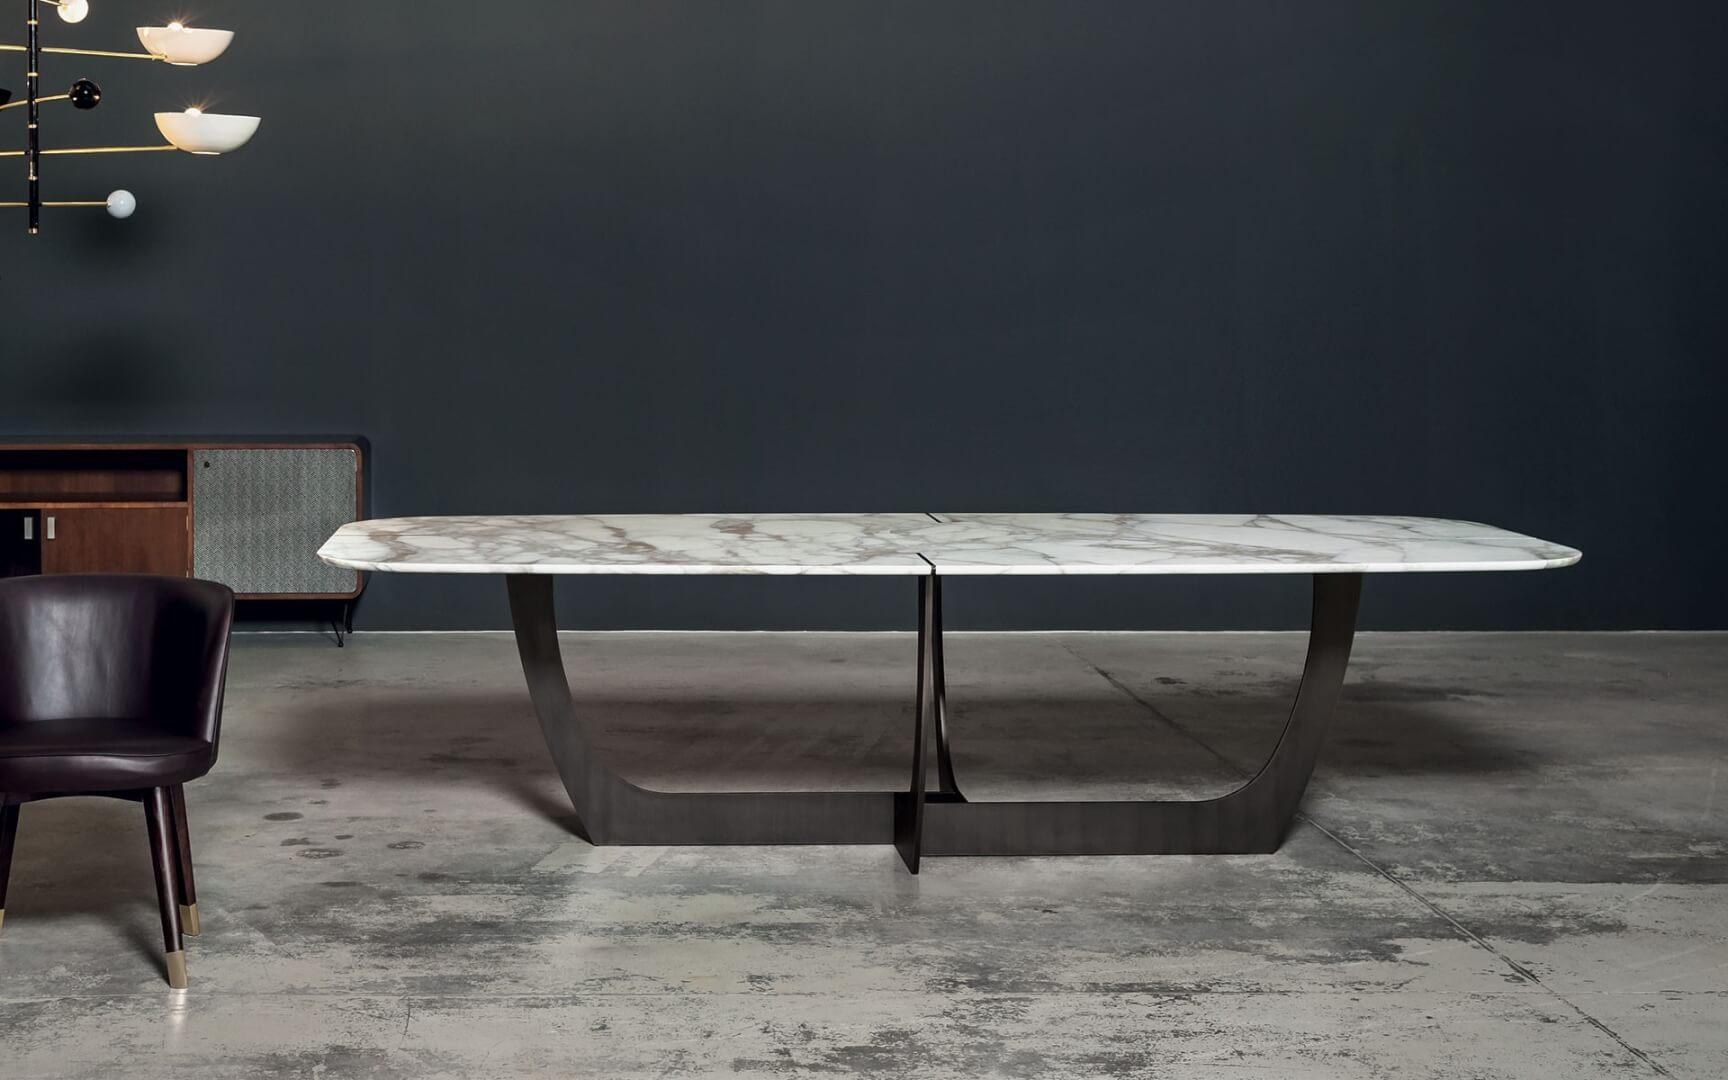 Tavolo Romeo di Baxter dall'alto - Devincenti negozio arredamento e design Verona